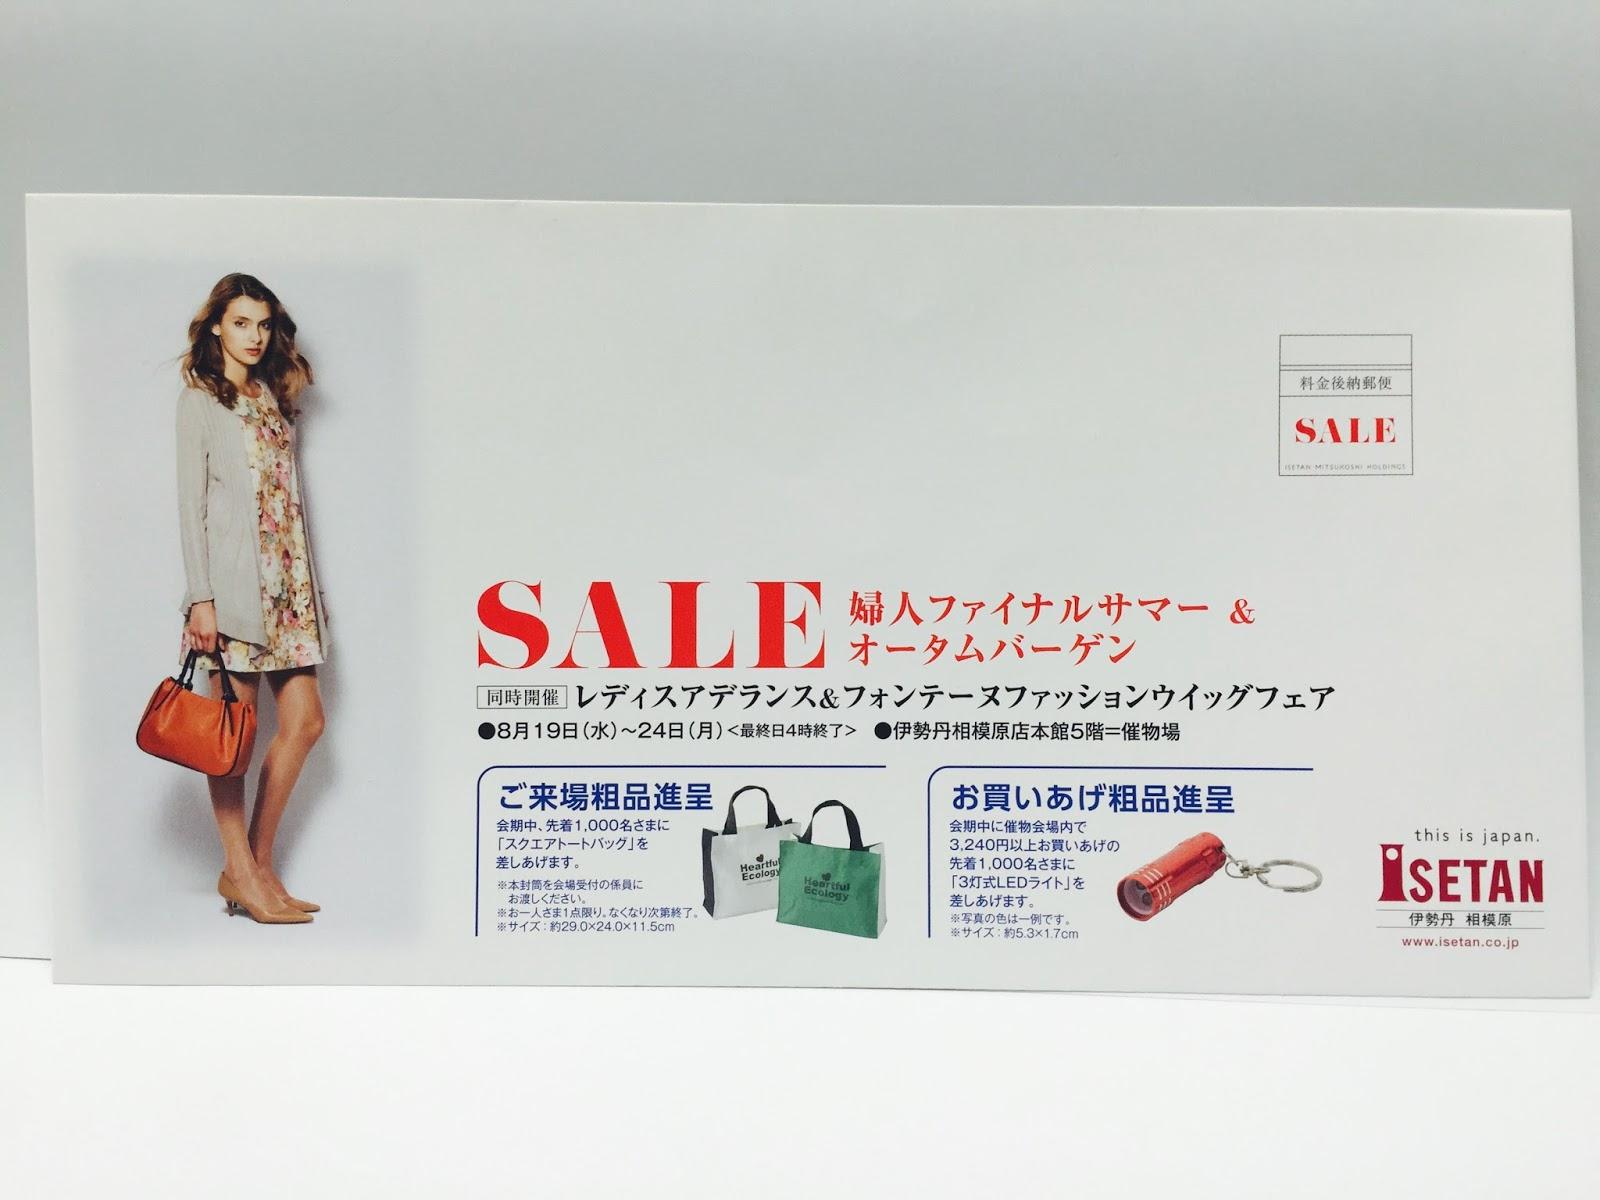 92fb94b0fb129 進栄に登録している多くの出店メーカー様のお力もお借りしての開催です。 婦人ファッション・婦人靴・ハンドバッグ・アクセサリー&フォーマルウェア等